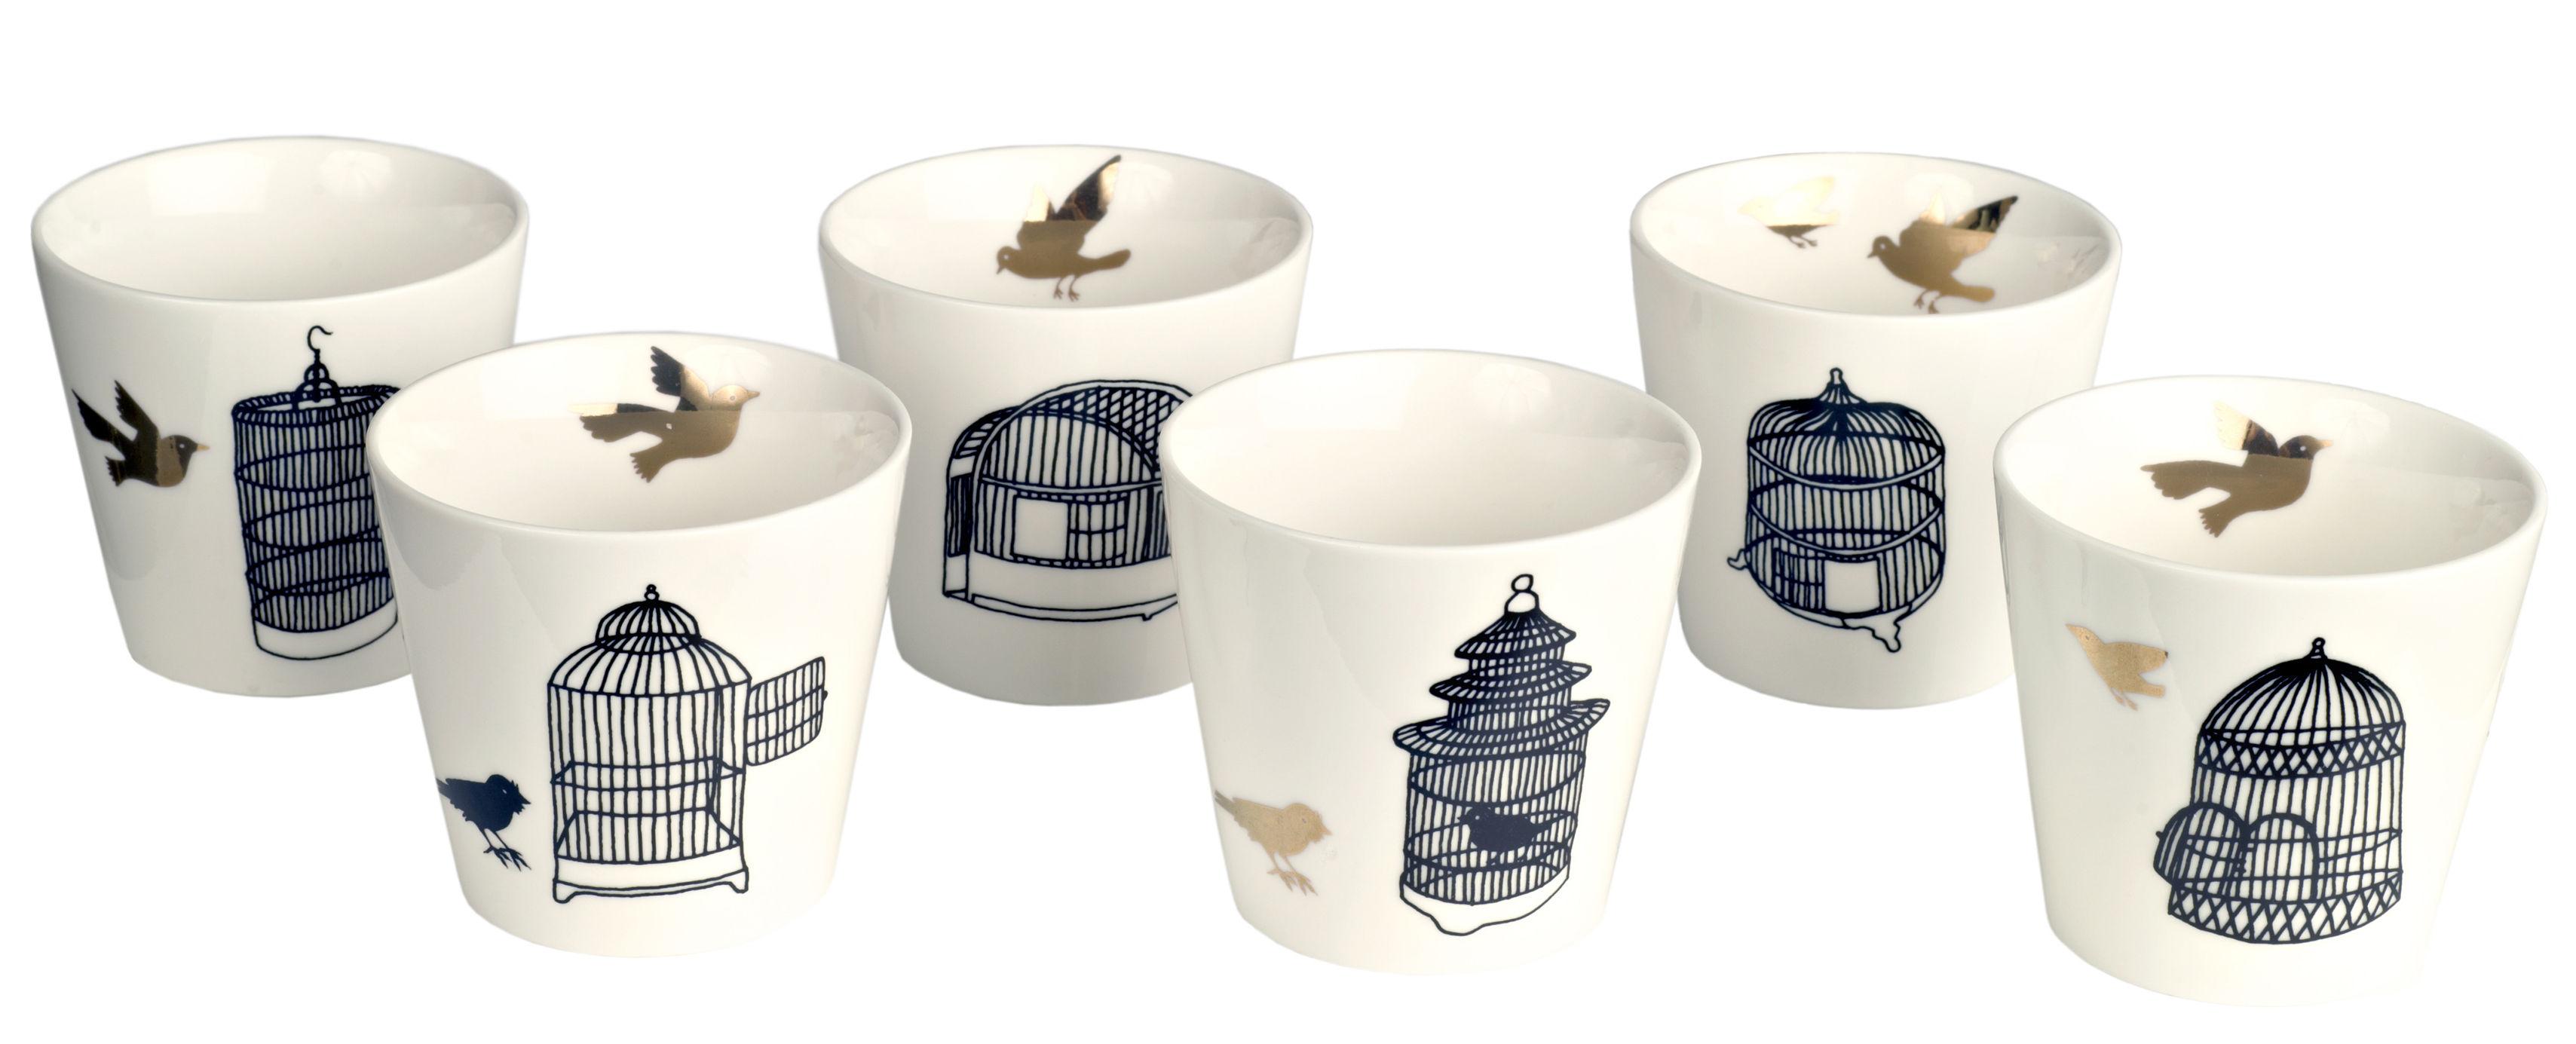 Tavola - Tazze e Boccali - Tazza Freedom Birds - / Set da 6 di Pols Potten - Gabbia nera / Uccellino dorato - Porcellana verniciata